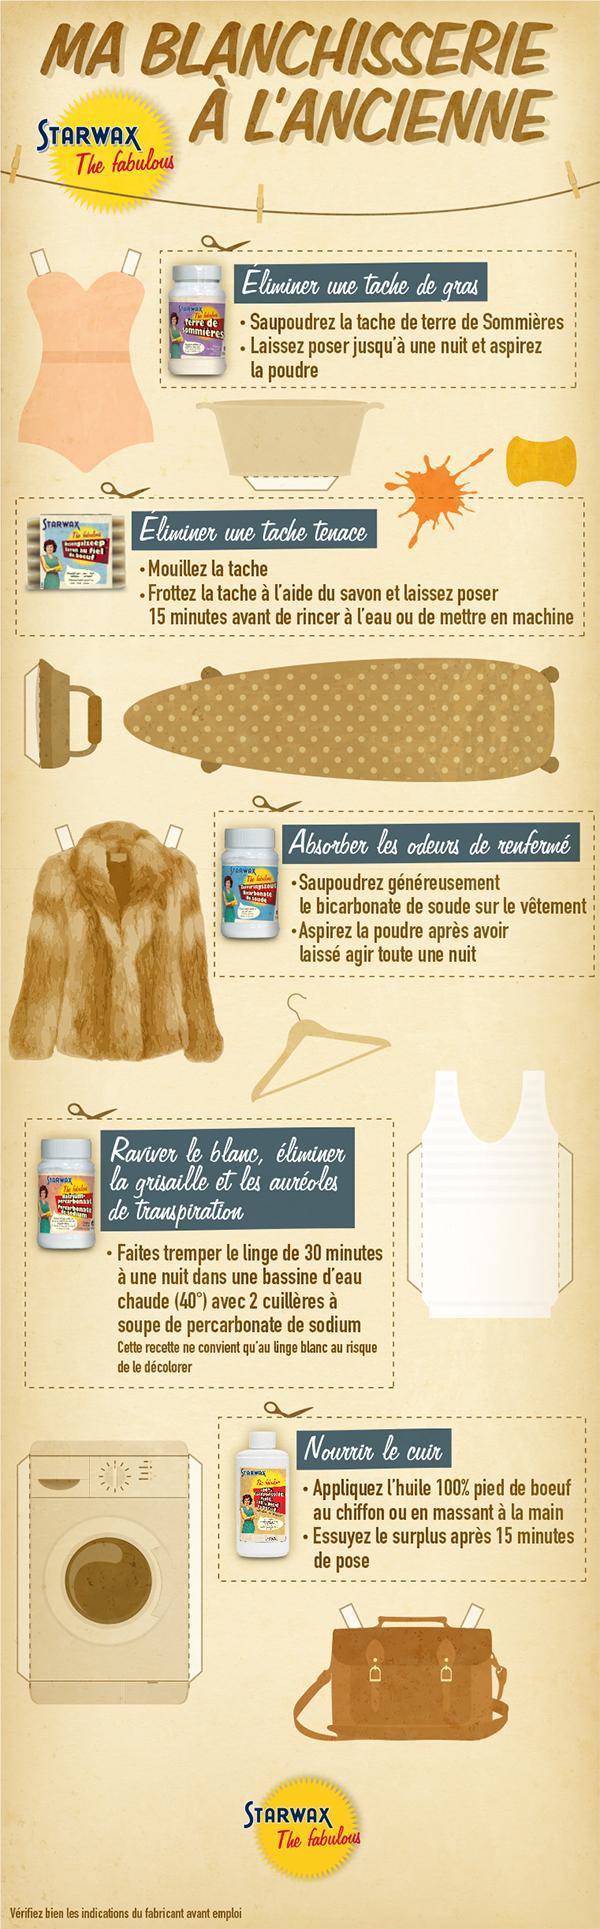 Infographie : Blanchisserie à l'ancienne